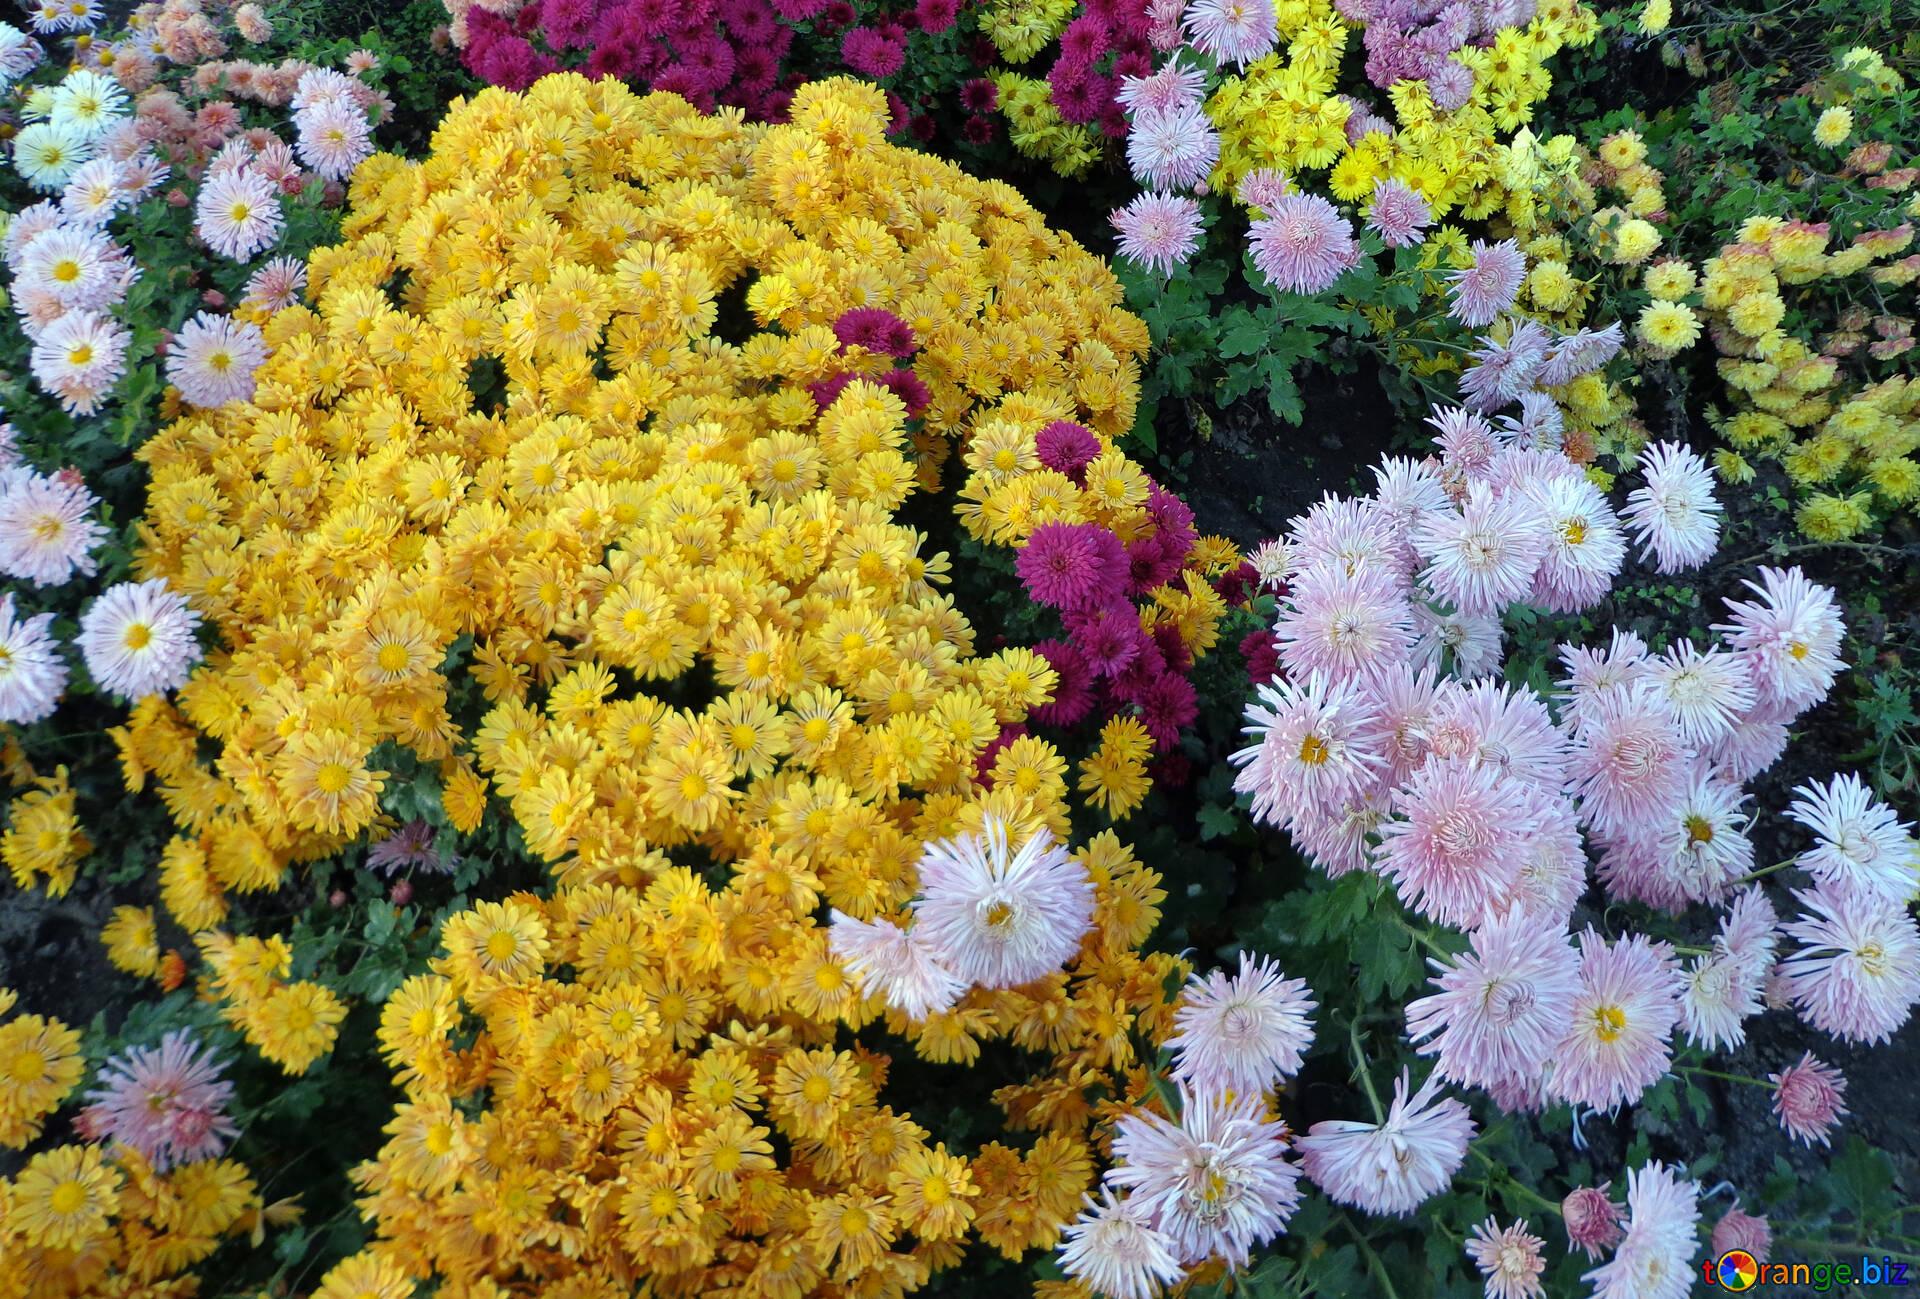 кусты хризантем картинки доктор медицинских